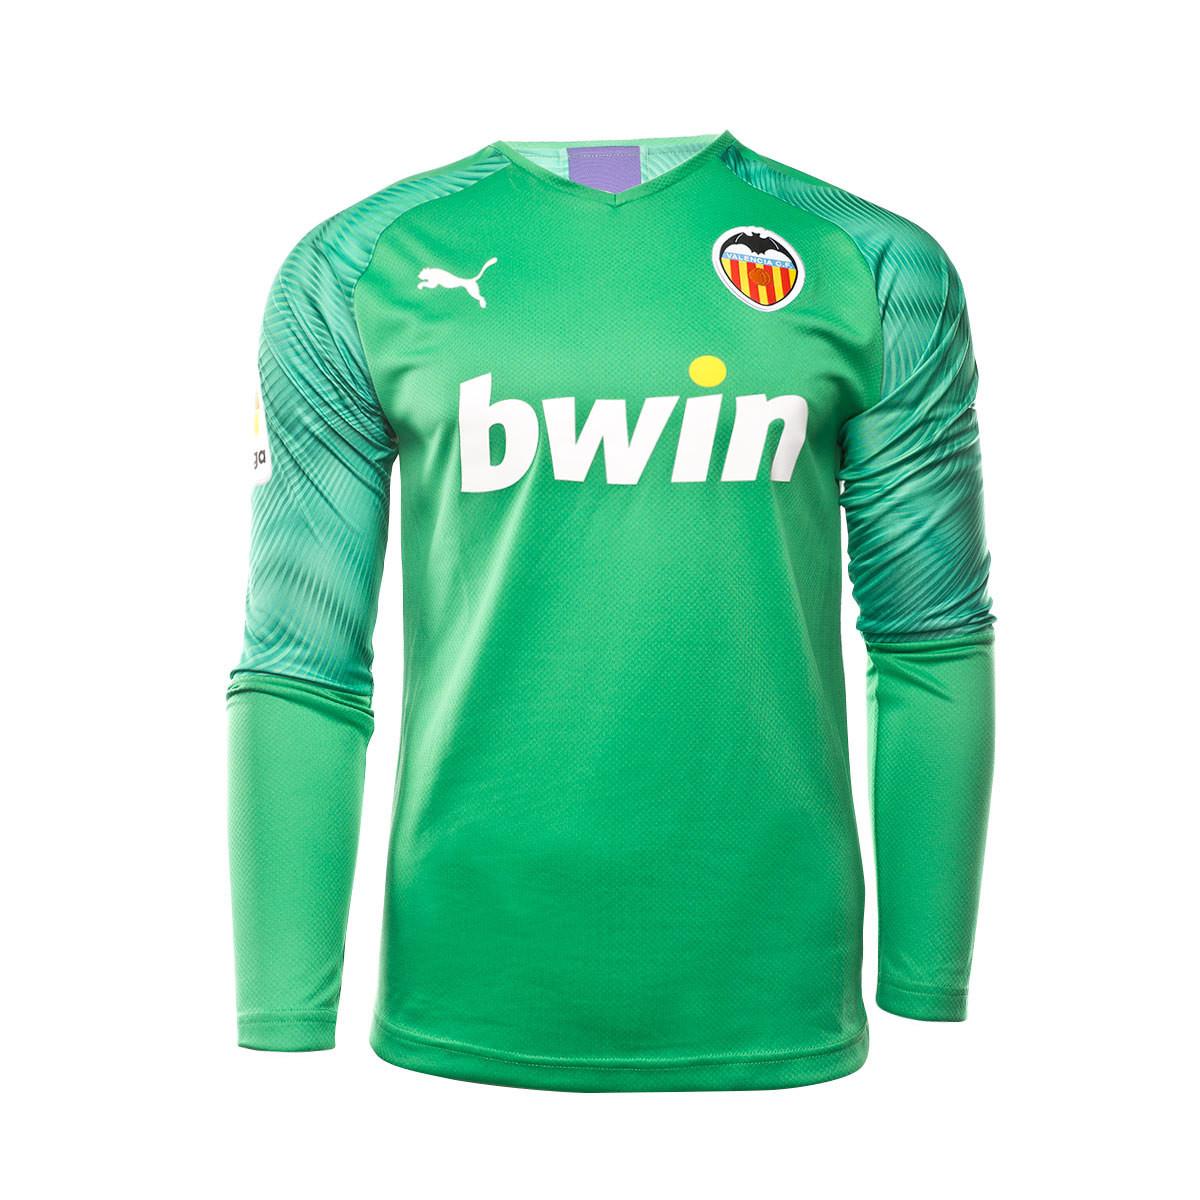 extraterrestre propiedad erosión  Camiseta Puma Valencia CF Primera Equipación Portero 2019-2020 Bright  green-Prism violet - Tienda de fútbol Fútbol Emotion